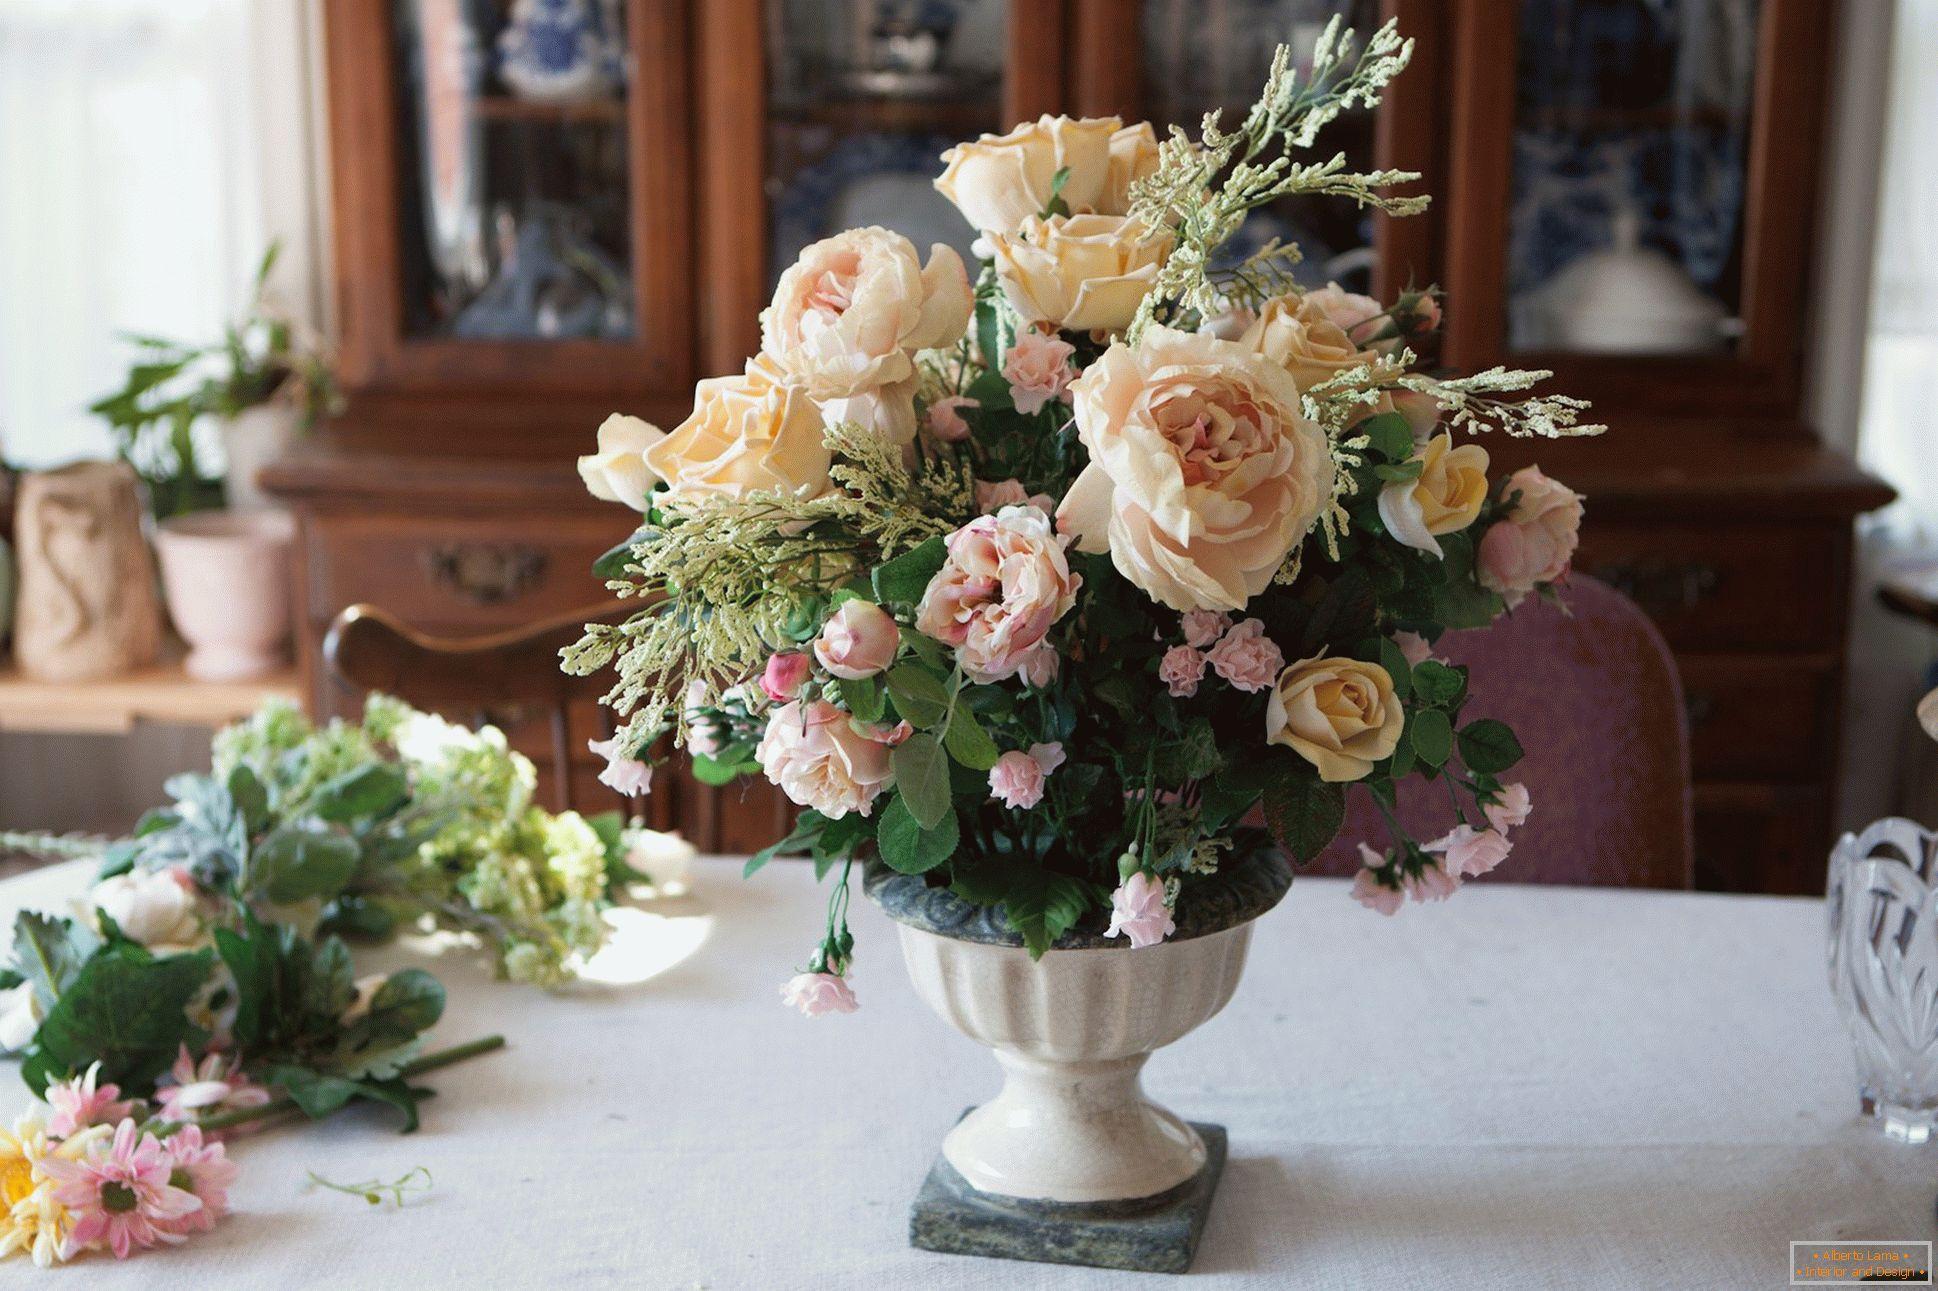 Buketi I Kompozicije Veštačkog Cvijeća